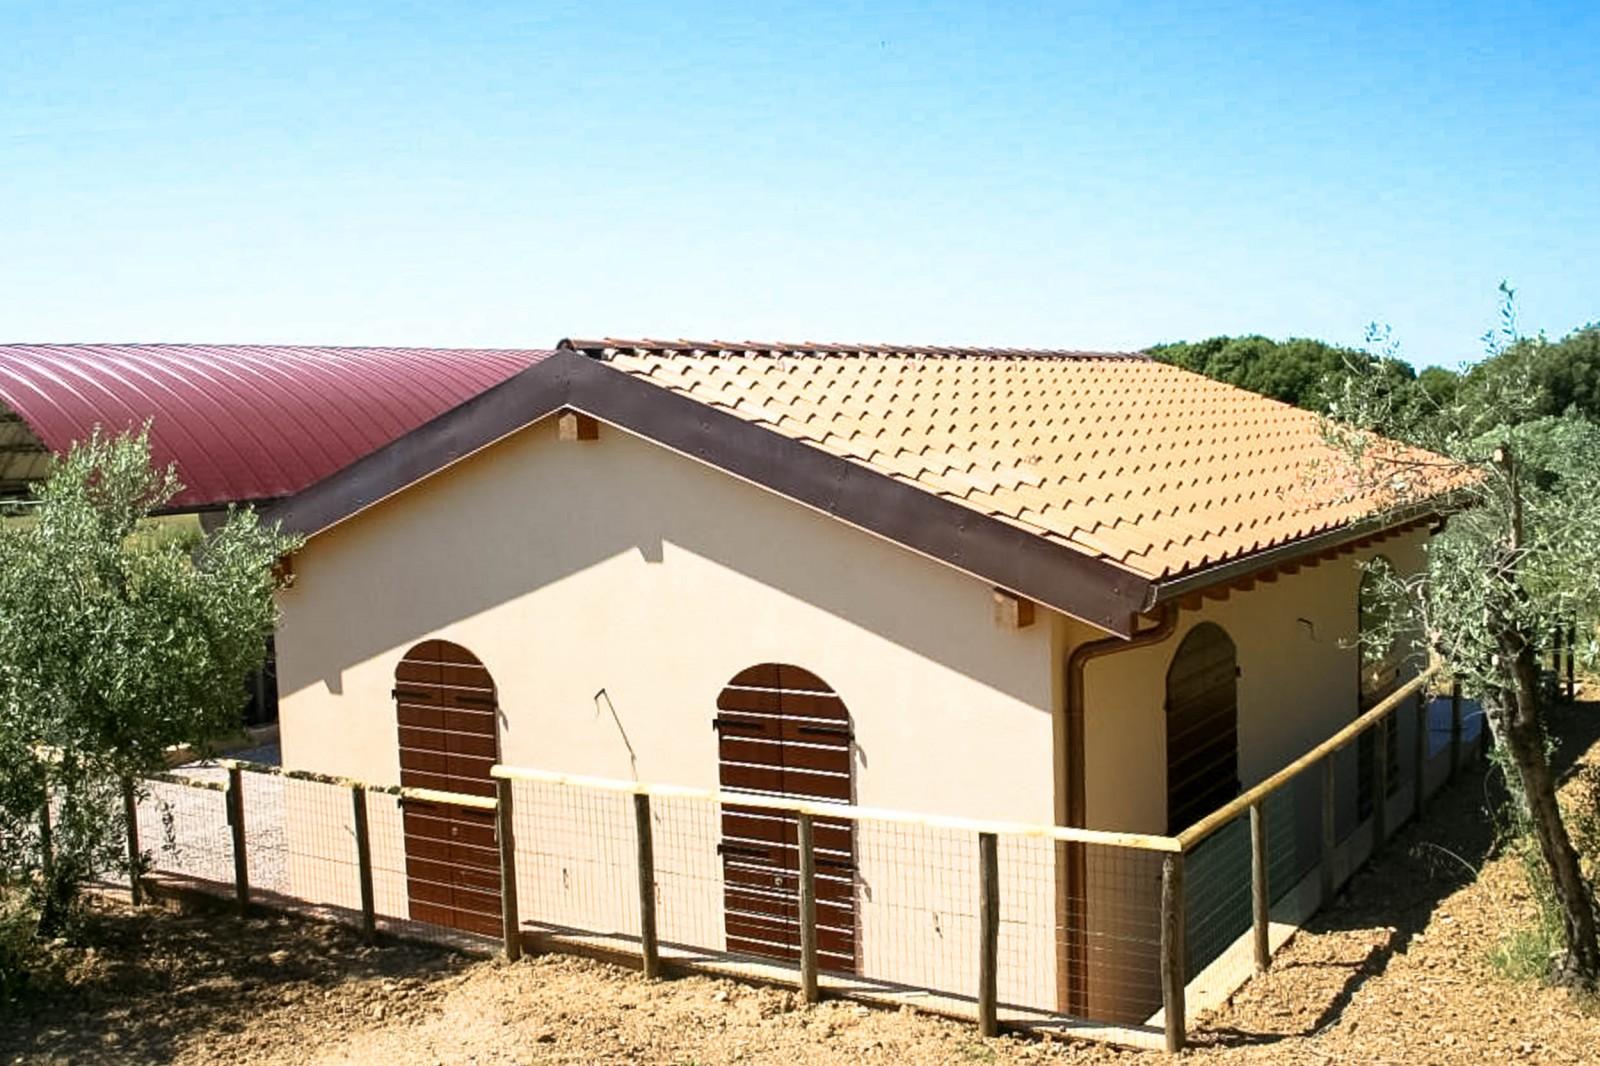 Case prefabbricate in legno il prezzo fisso e certo - Costo costruzione casa prefabbricata ...